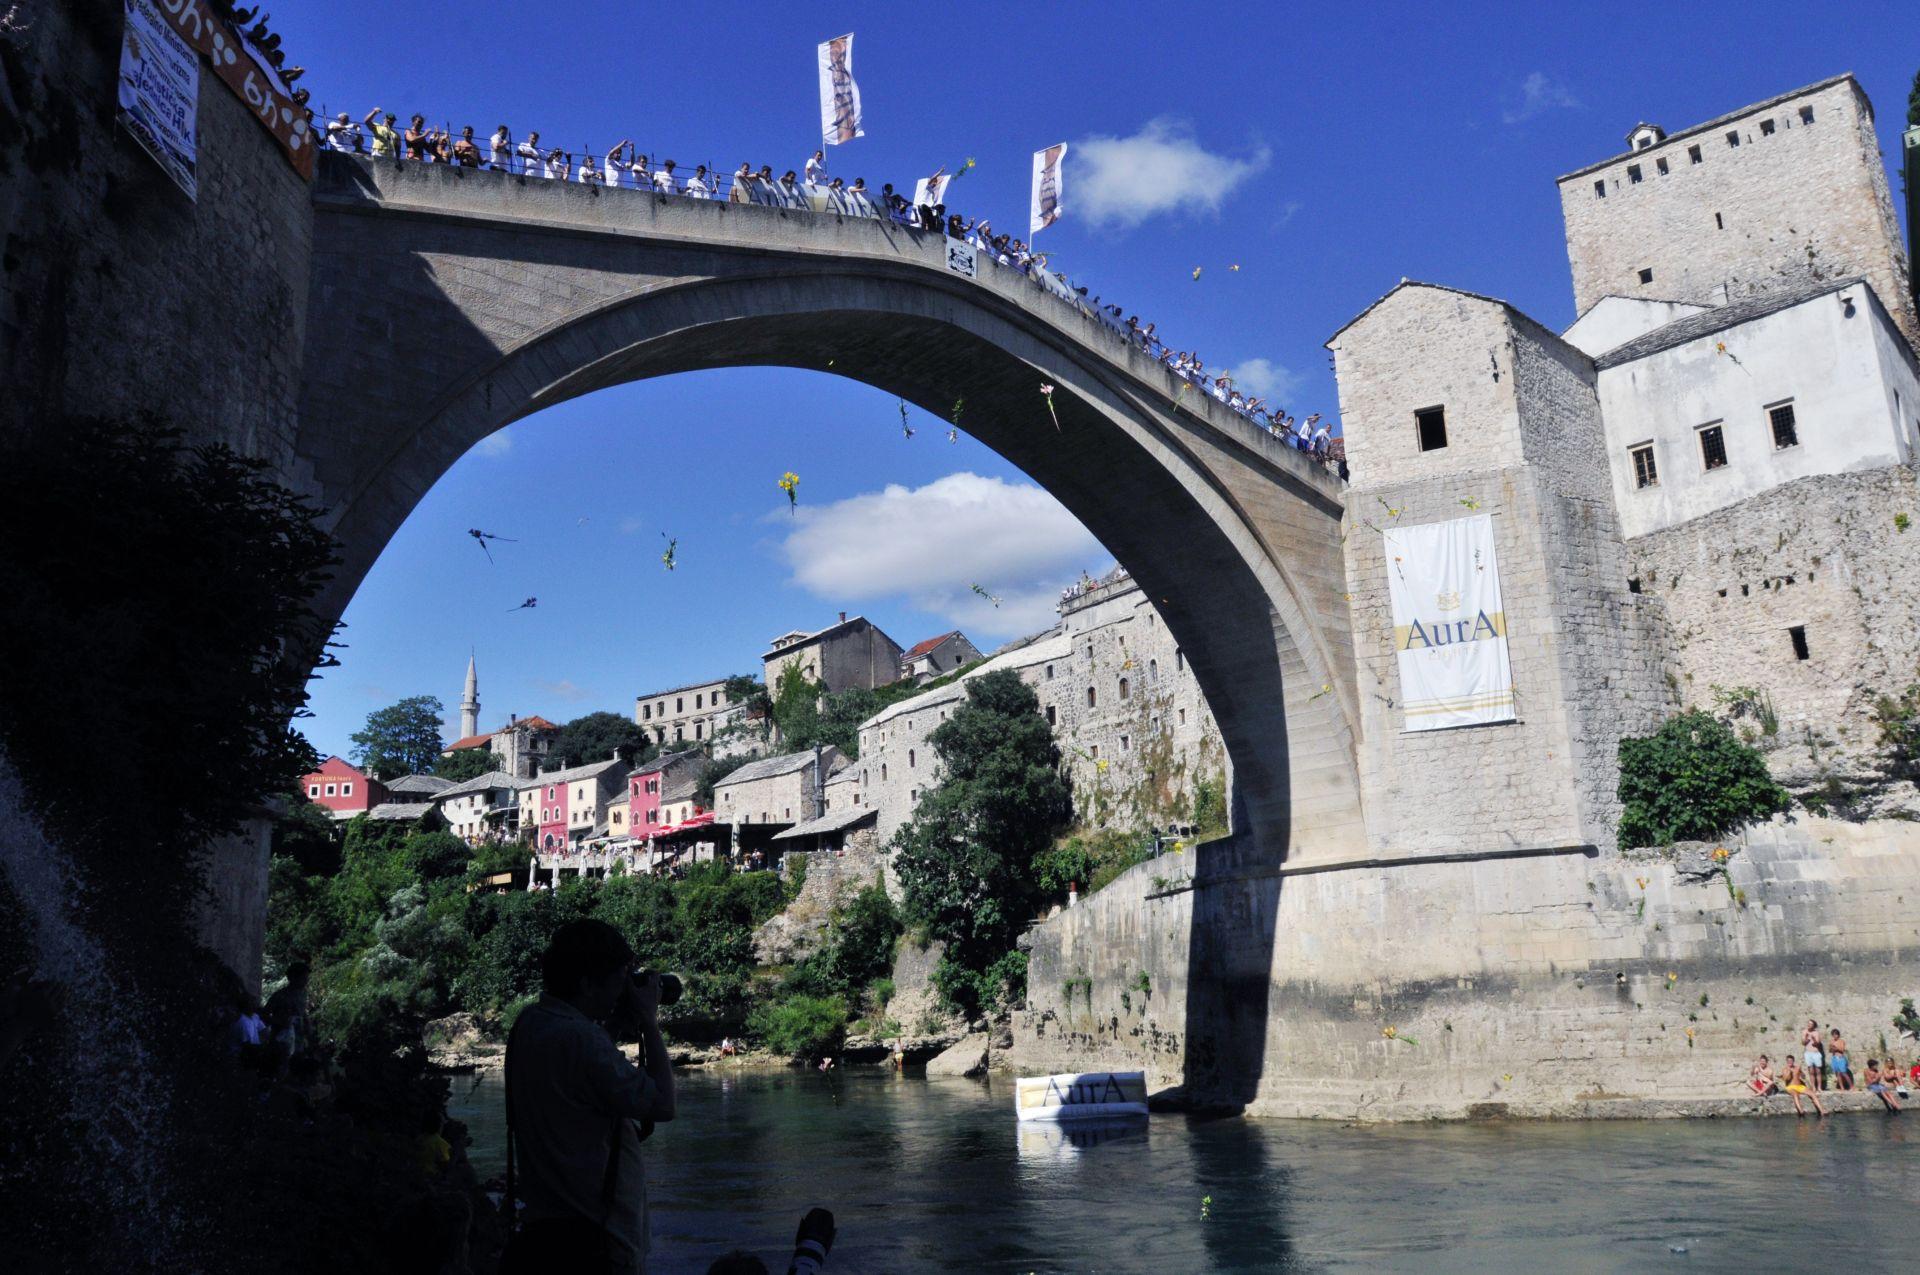 POTRAGA SE NASTAVLJA UJUTRO: Mladić skočio sa Starog mosta u Neretvu i nije izronio